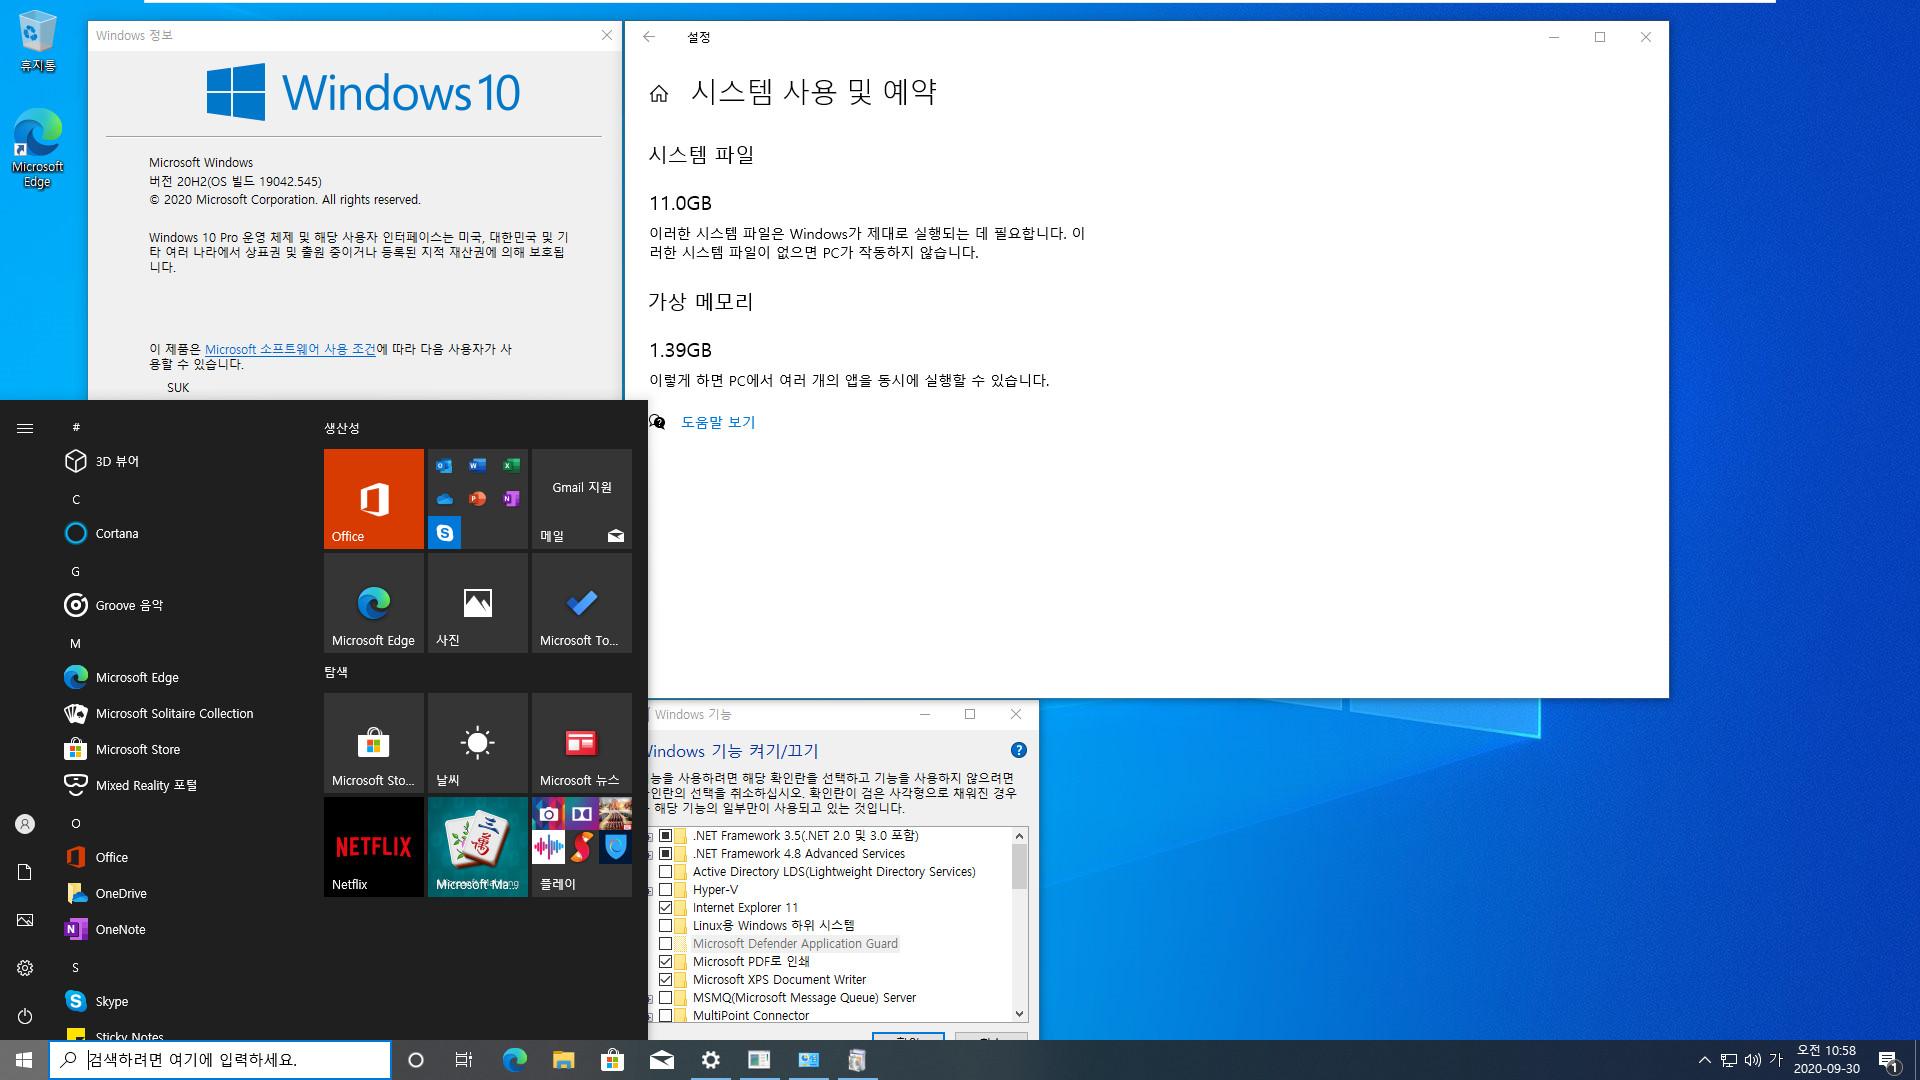 2020-09-30 업데이트 통합 PRO x64 2개 - Windows 10 버전 2004 + 버전 20H2 누적 업데이트 KB4577063 (OS 빌드 19041.545 + 19042.545) - 설치 테스트 2020-09-30_105841.jpg